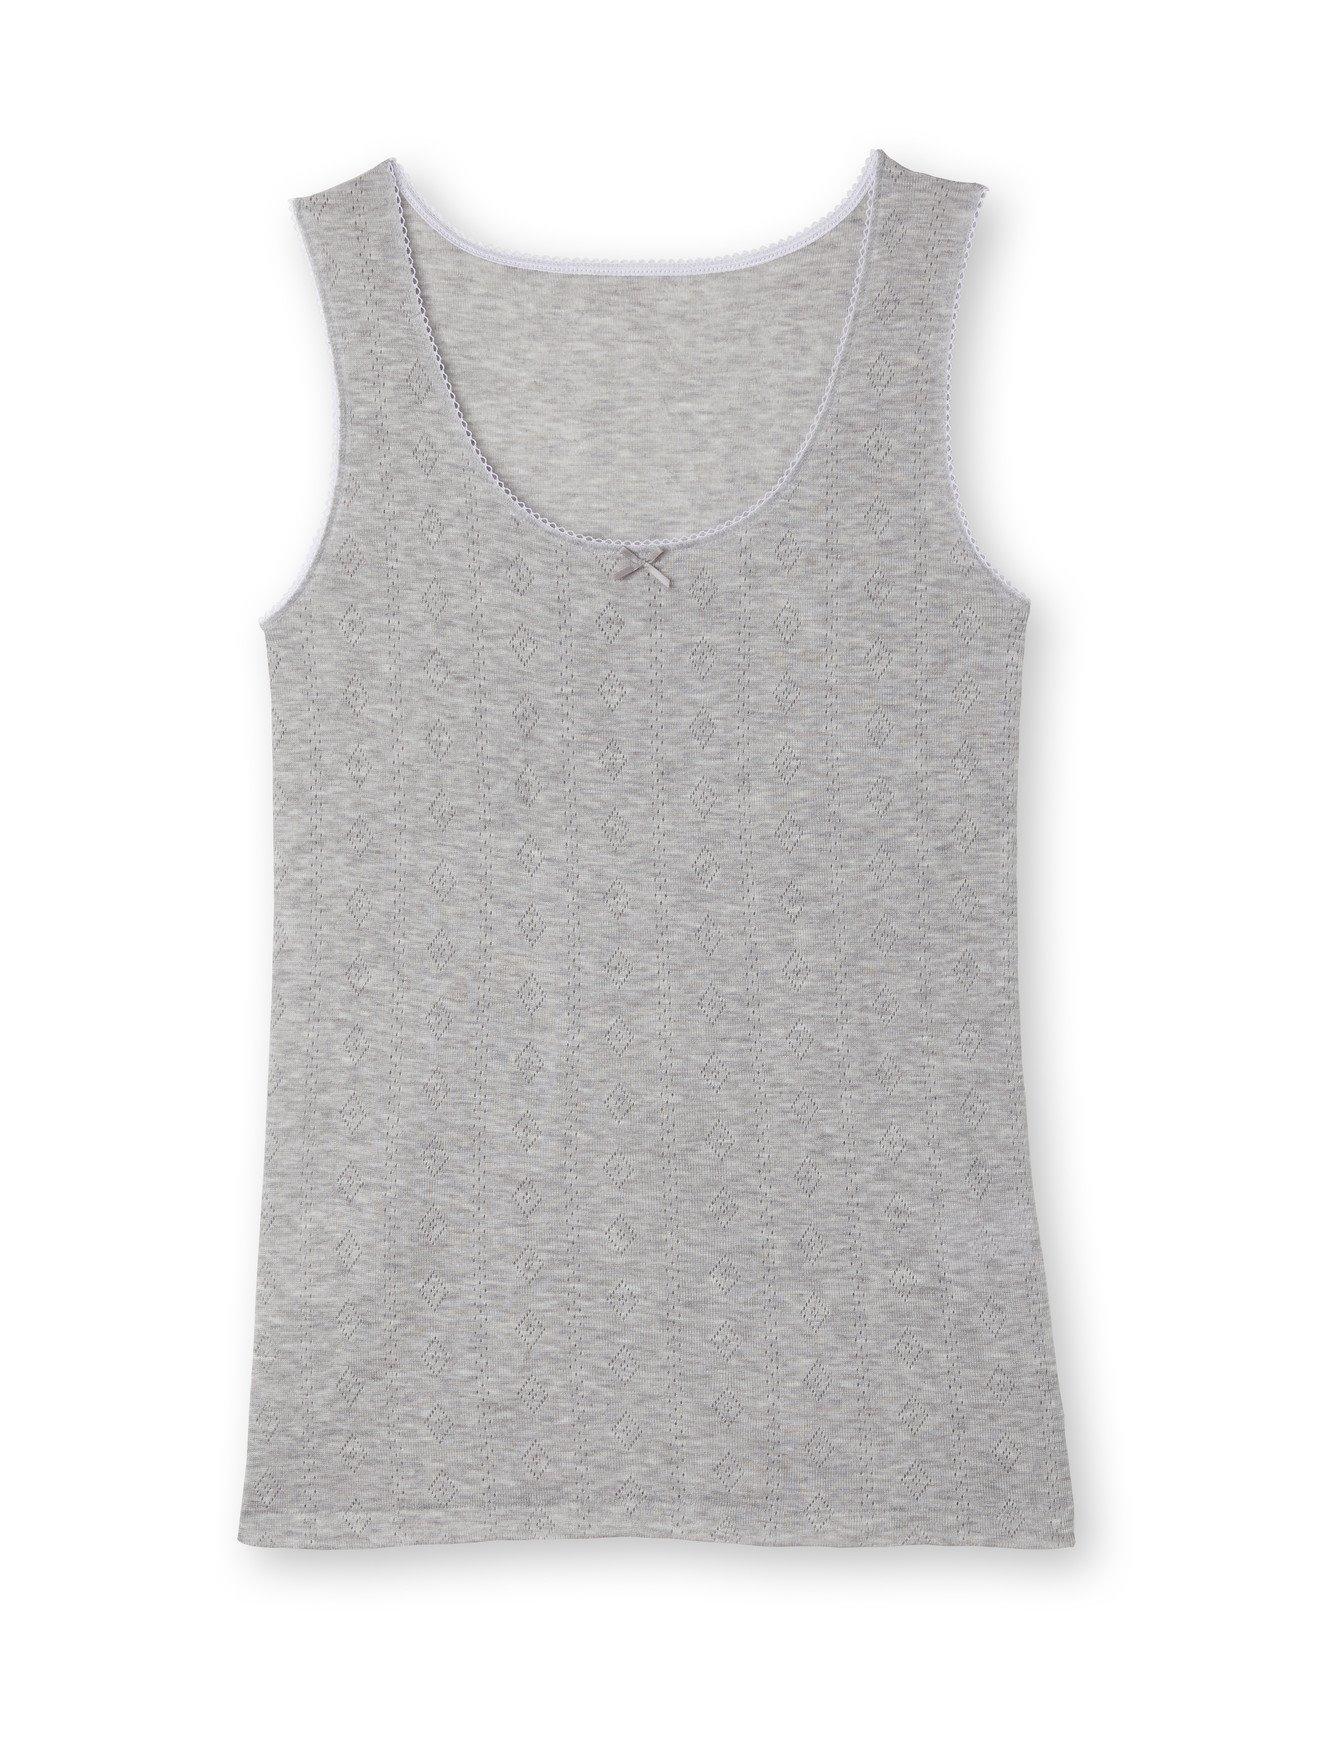 BALSAMIK Chemises de corps Gris Taille : 54/56